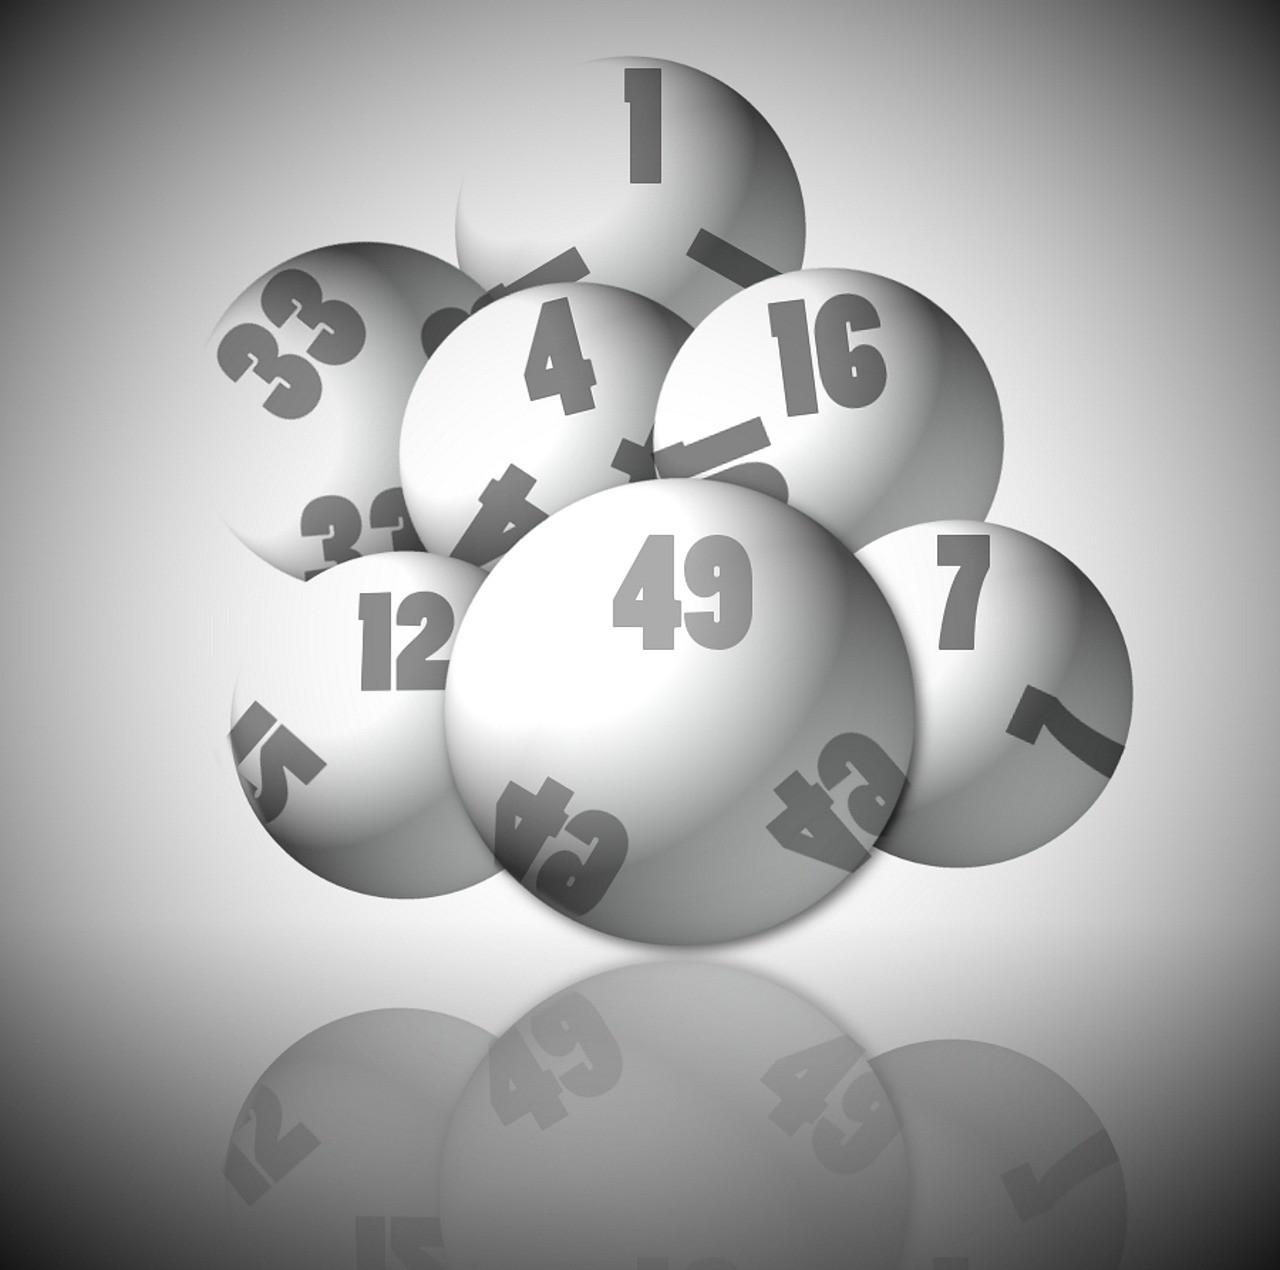 Resultado da Lotomania 1675: veja os números sorteados